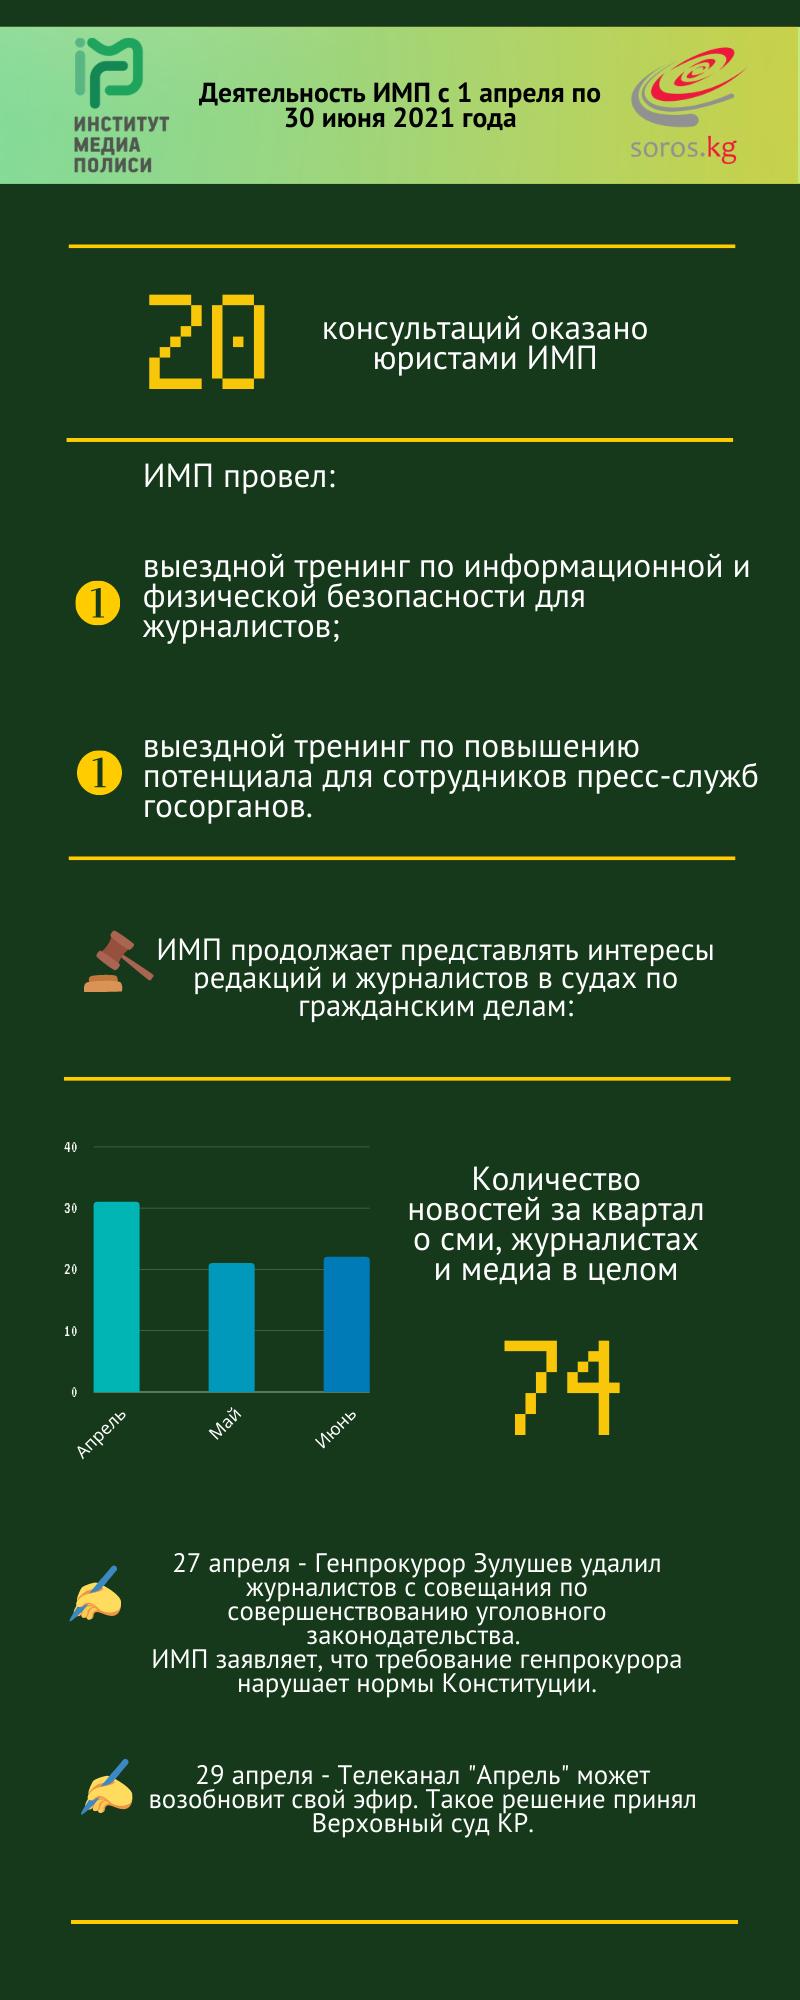 Деятельность Института Медиа Полиси в инфографике